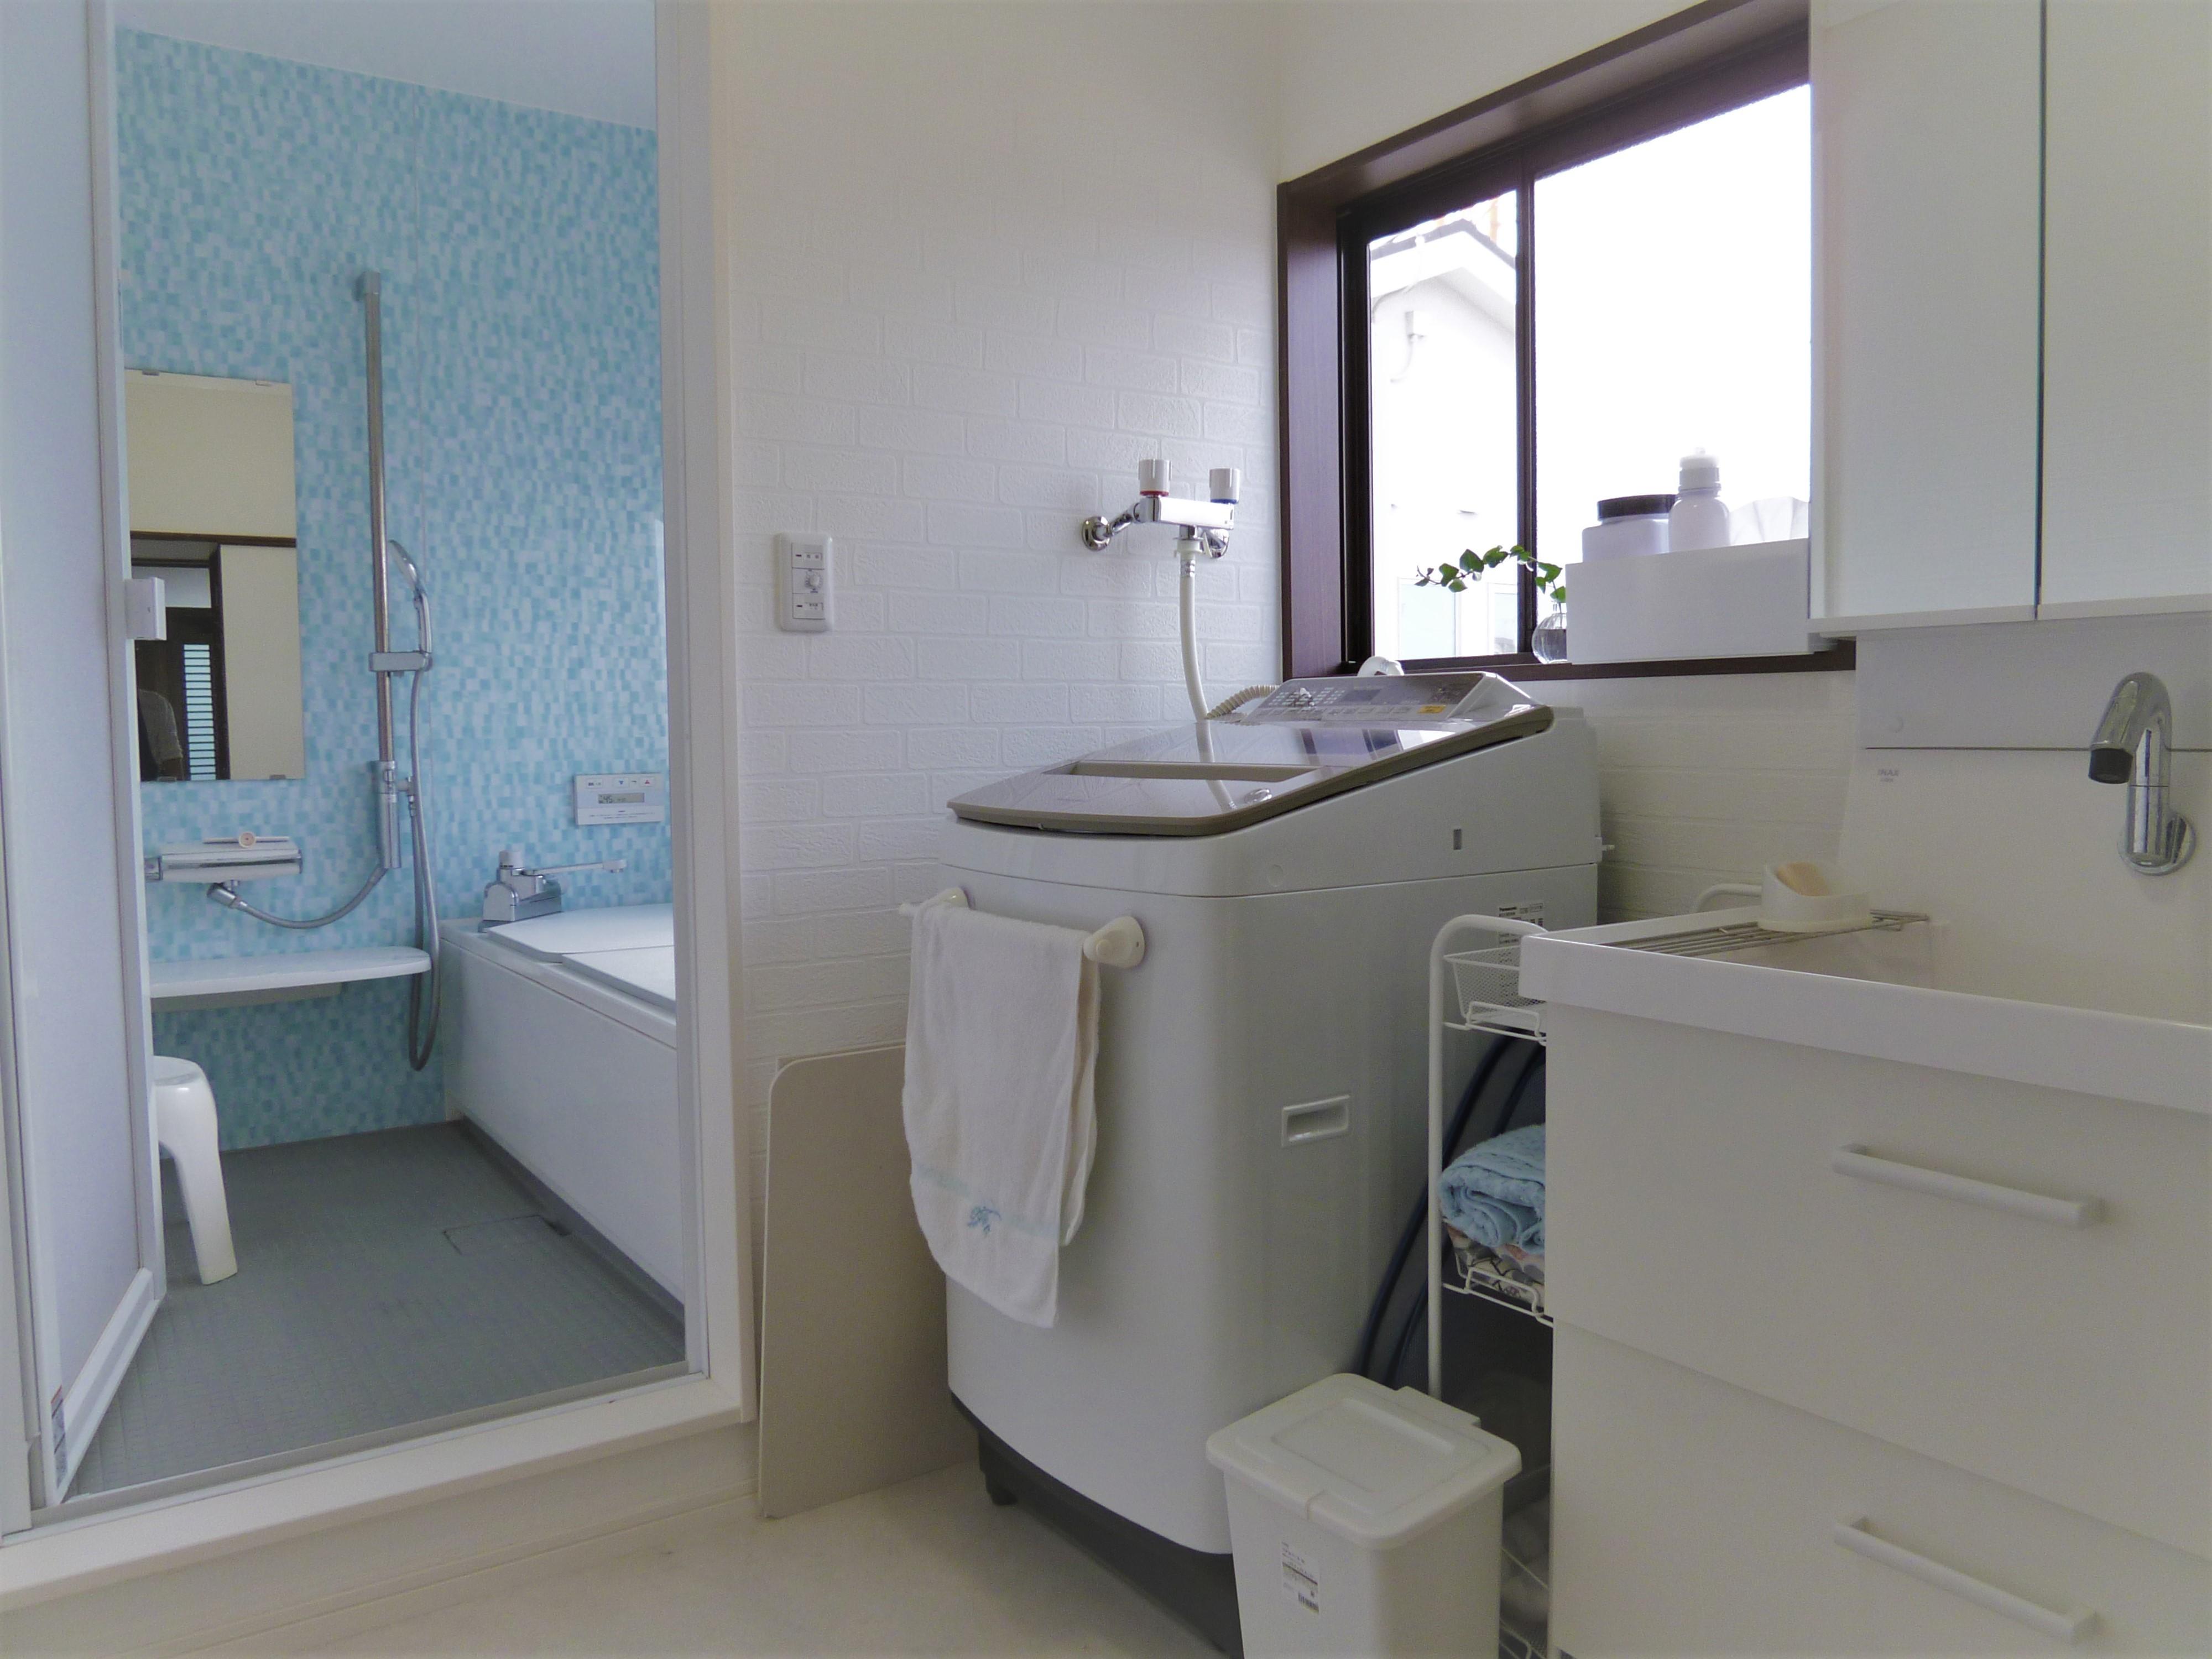 バス/トイレ事例:洗面・浴室(ナチュラルテイスト)